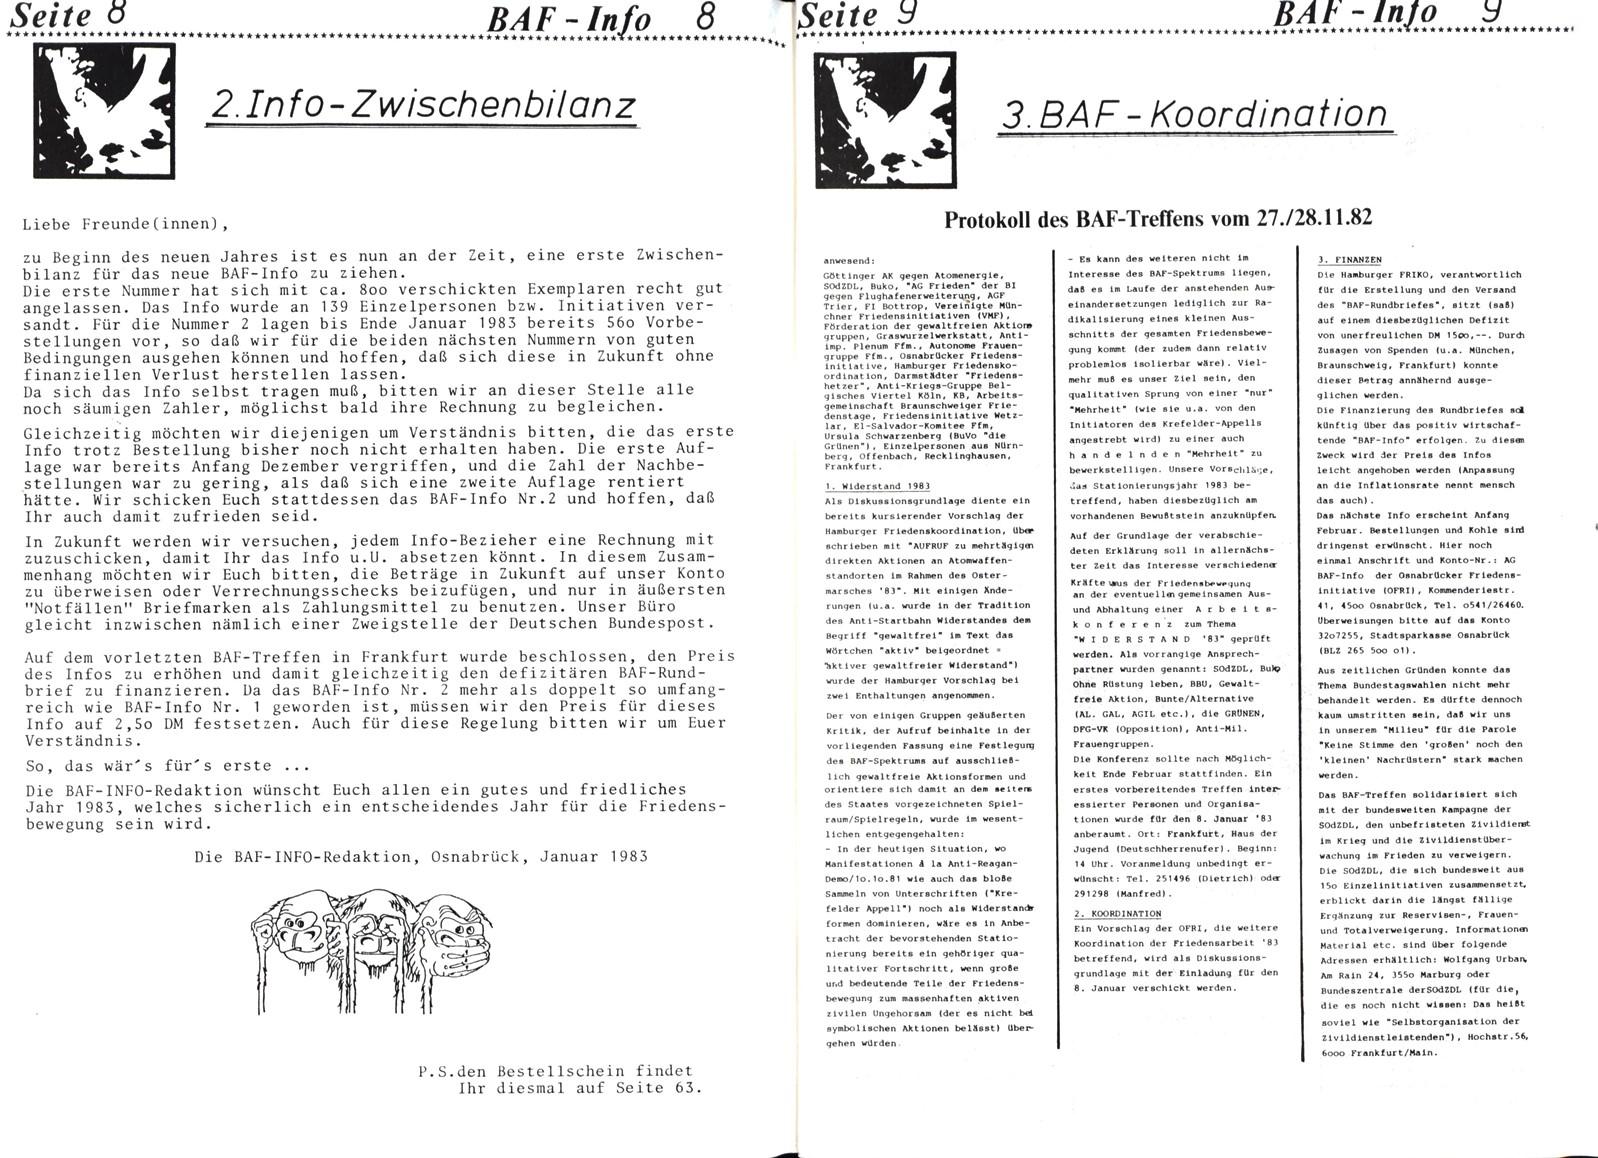 BAF_Info_02_19830100_05